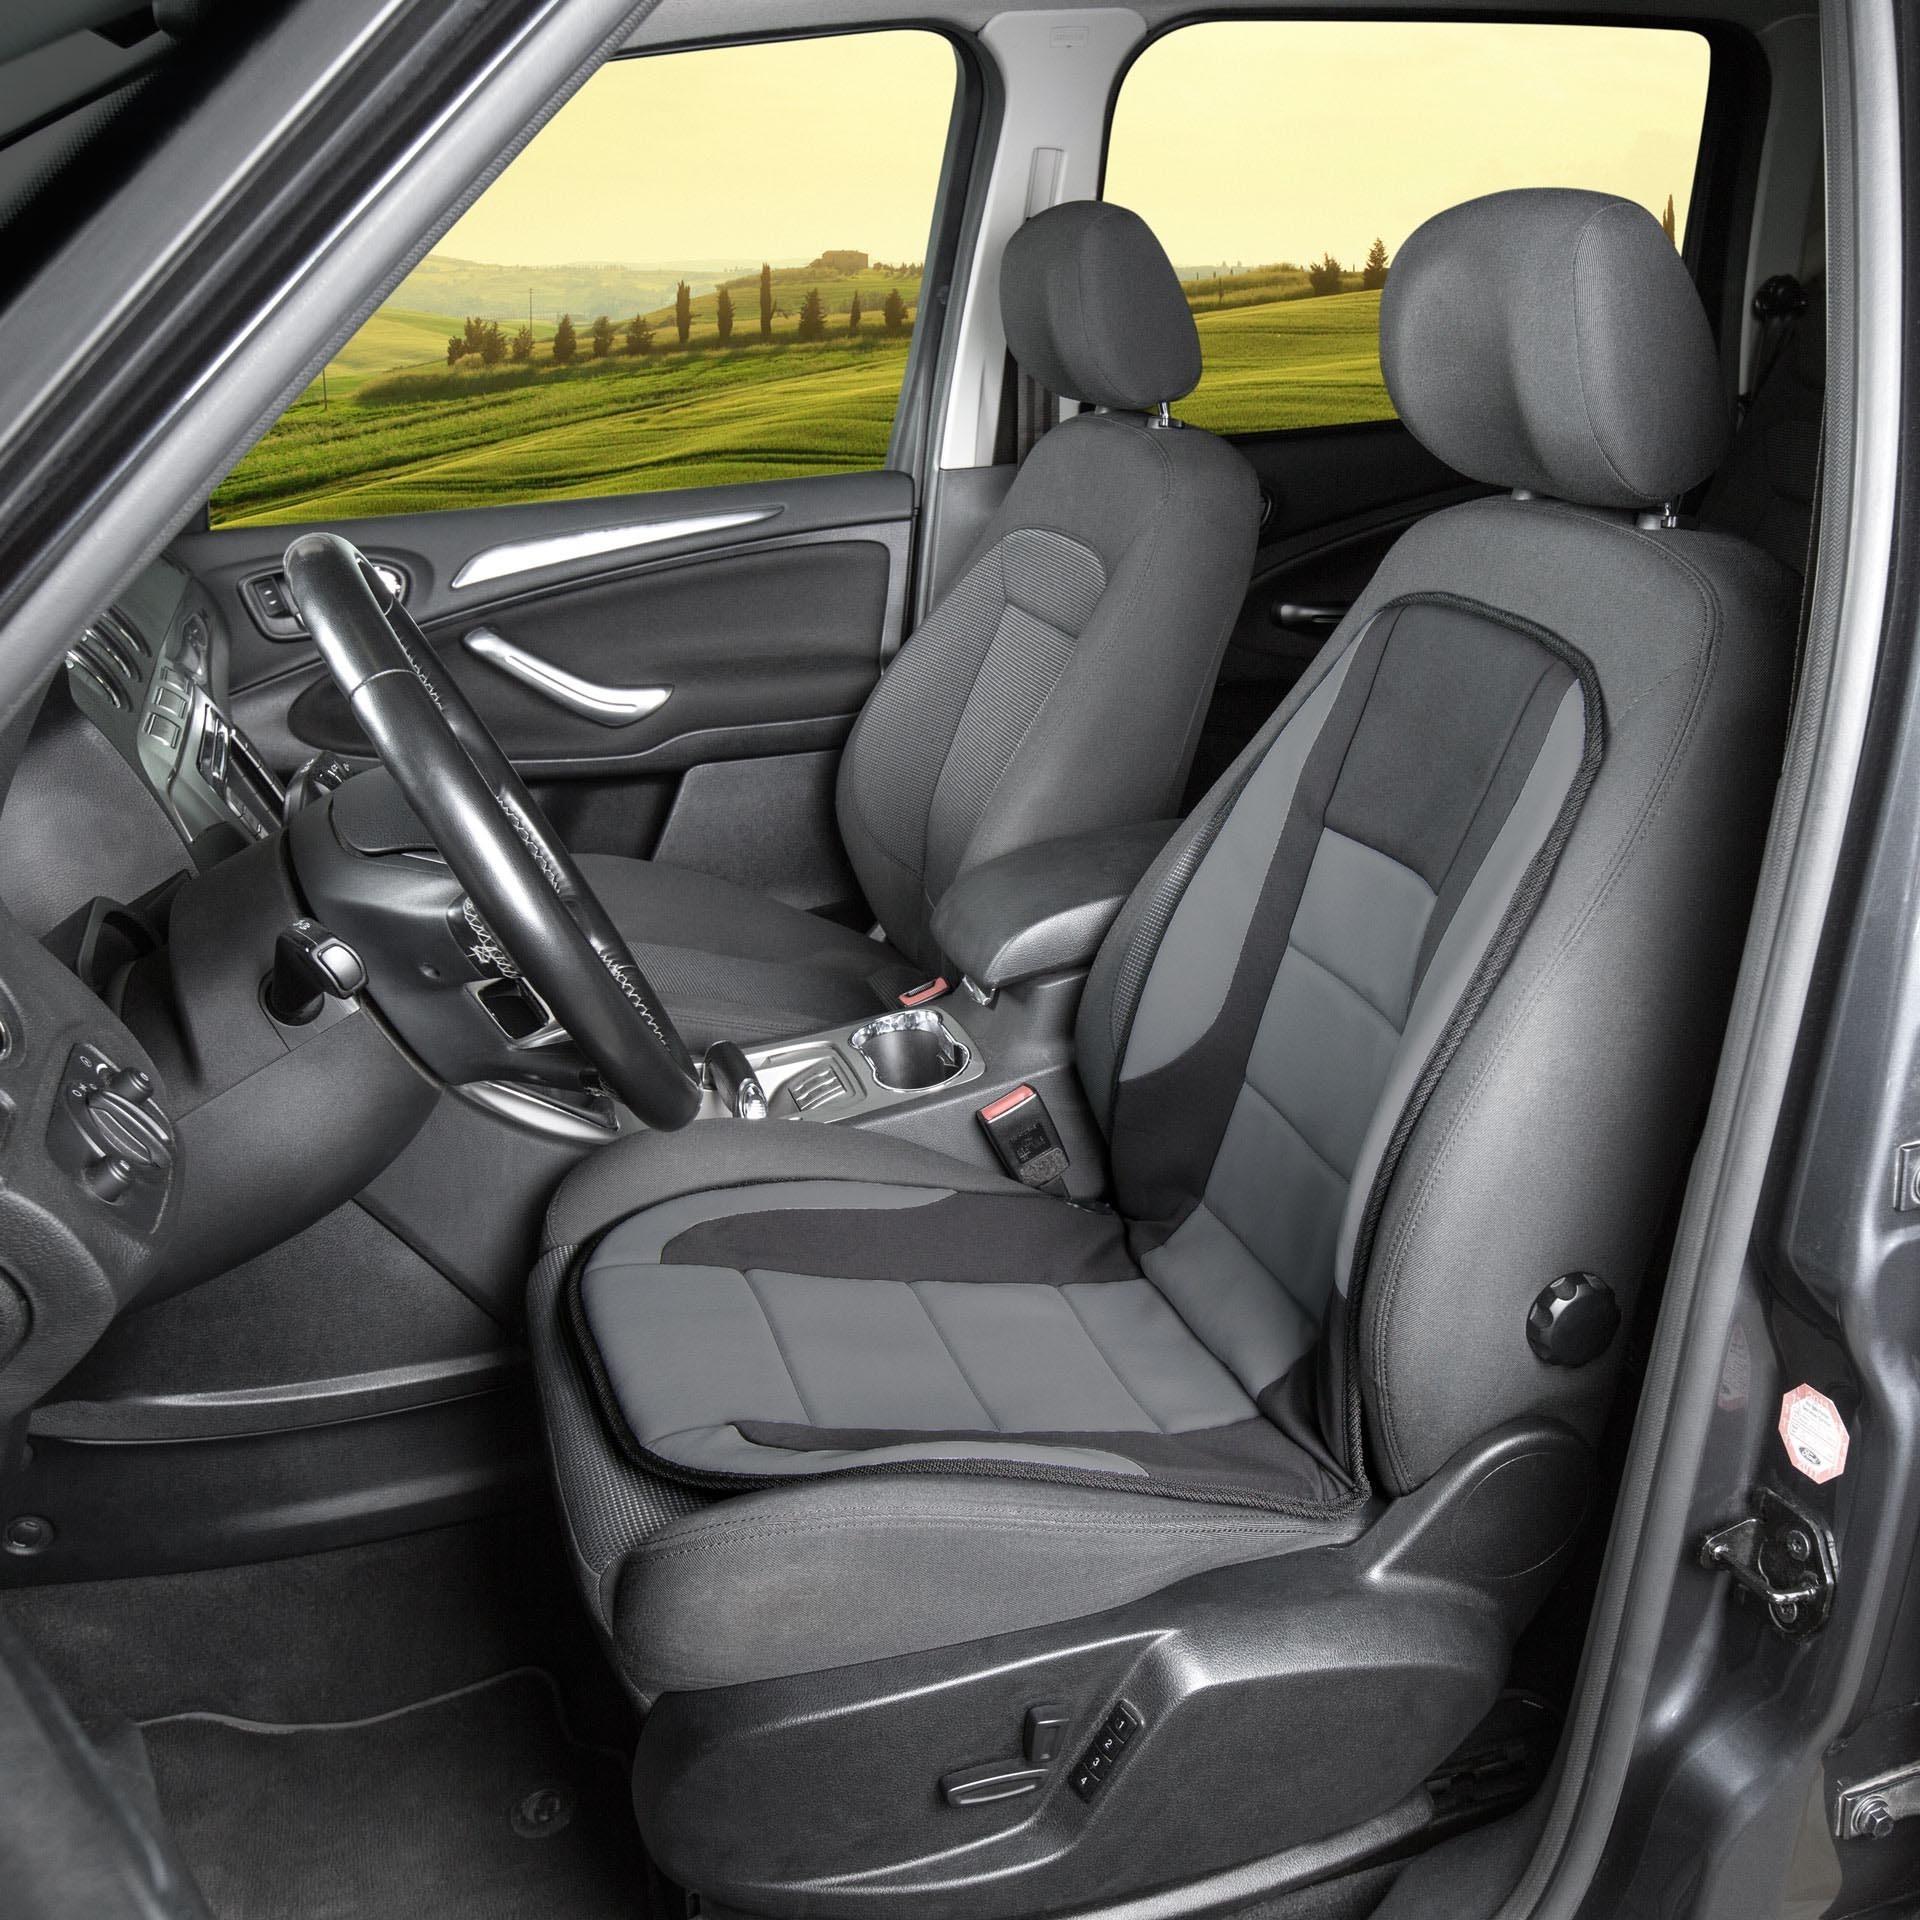 Autositzbezüge für Ford Mondeo III 00-07 5-Sitze PKW Schwarz Schonbezüge Auto